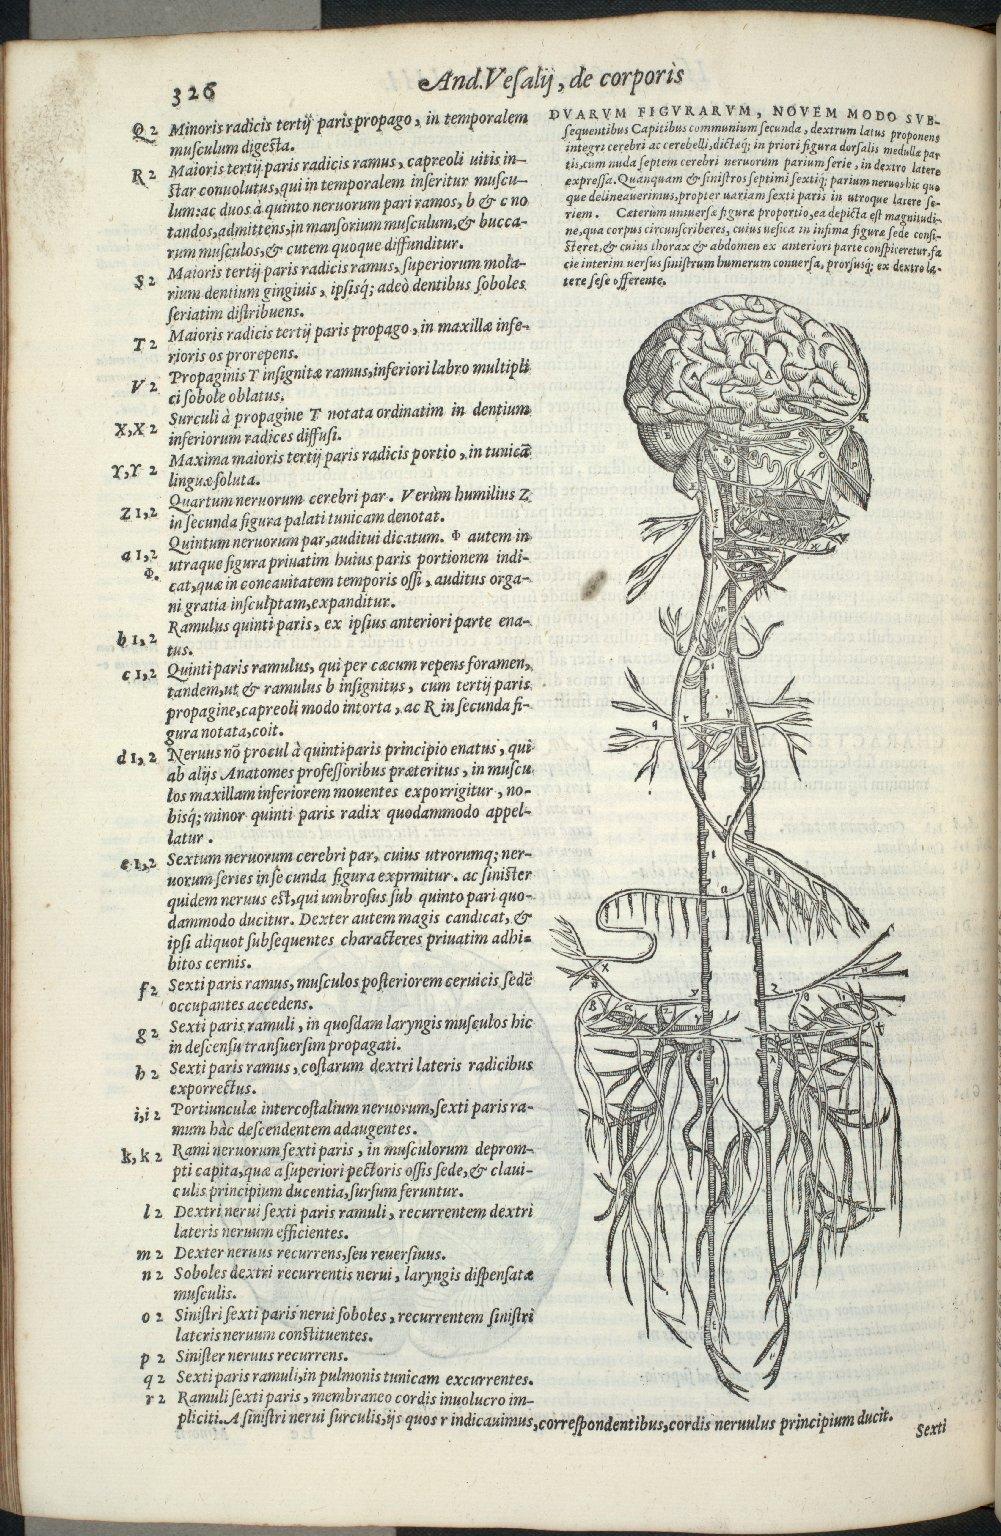 Duarum Figuram, novem modo subsequentibus capitibus communium secunda..